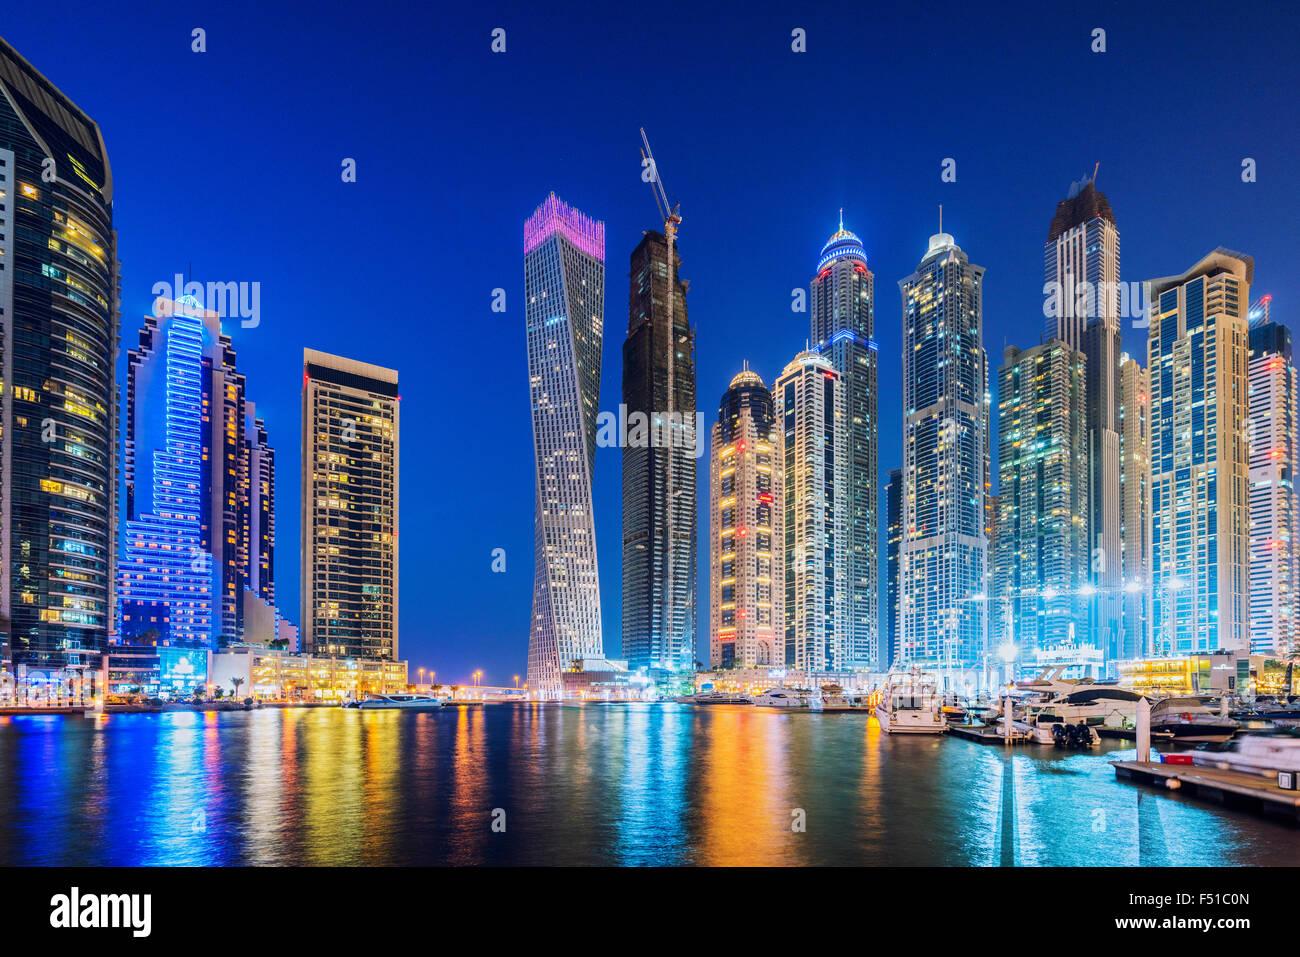 Horizonte de rascacielos en la noche en la zona del puerto deportivo de Dubai, Emiratos Árabes Unidos Foto de stock